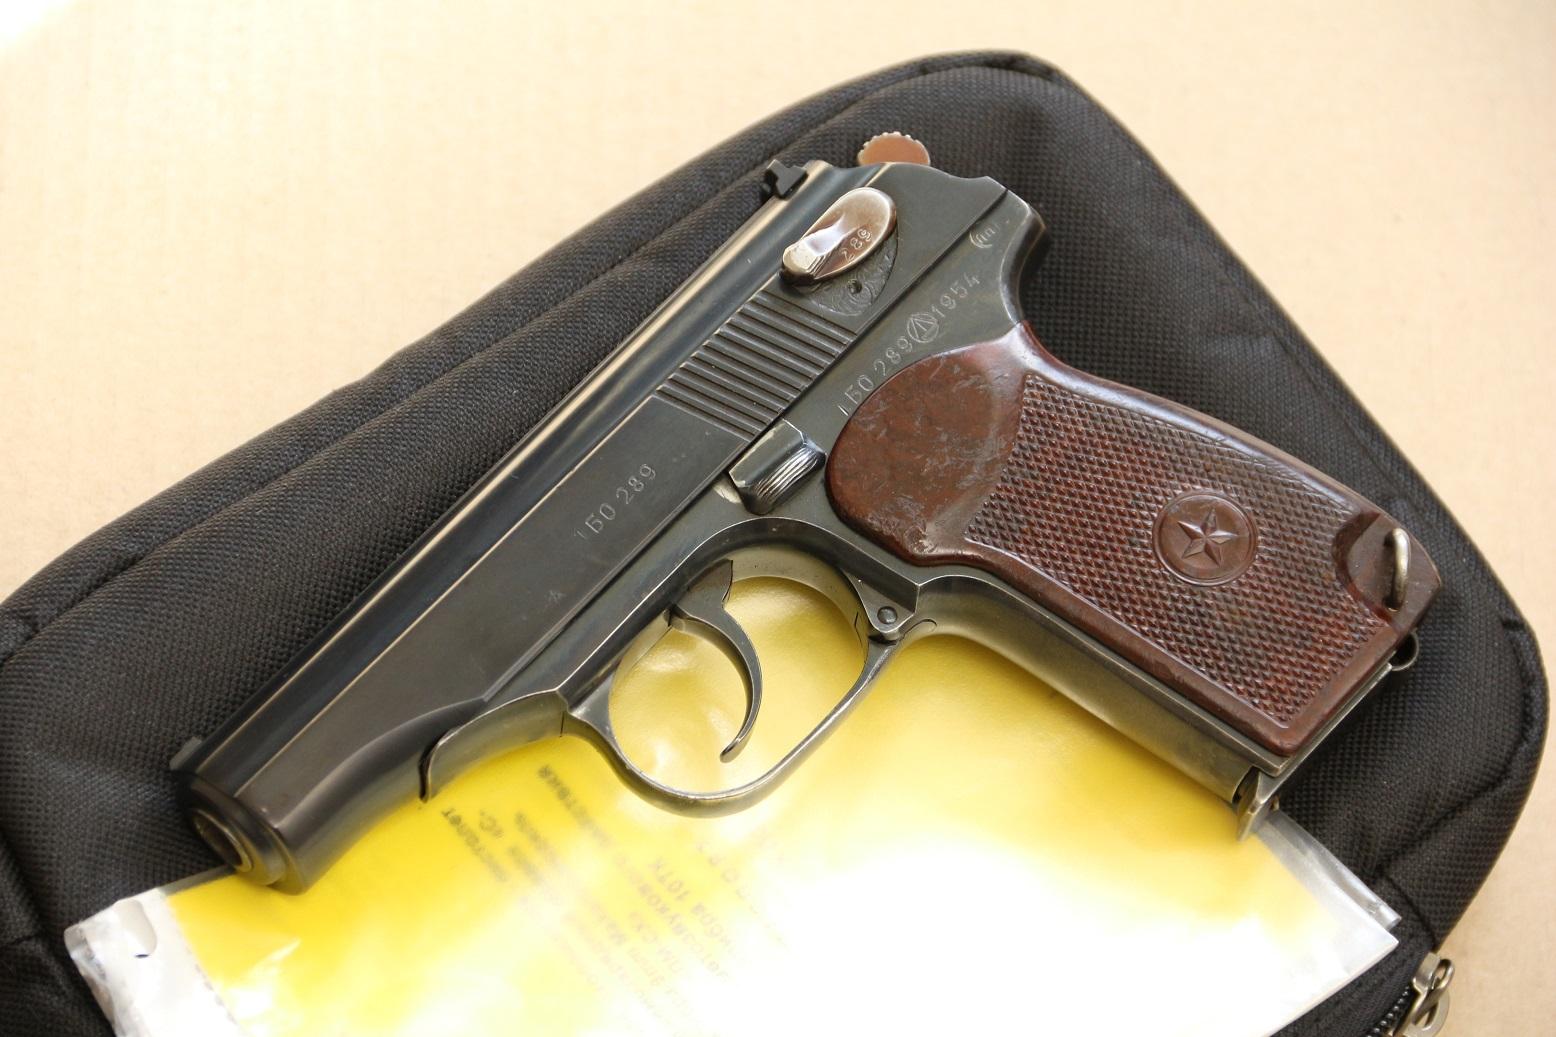 Охолощенный пистолет Макарова ПМ-СХ 1954 года, №БО 289, деактив 2020 года